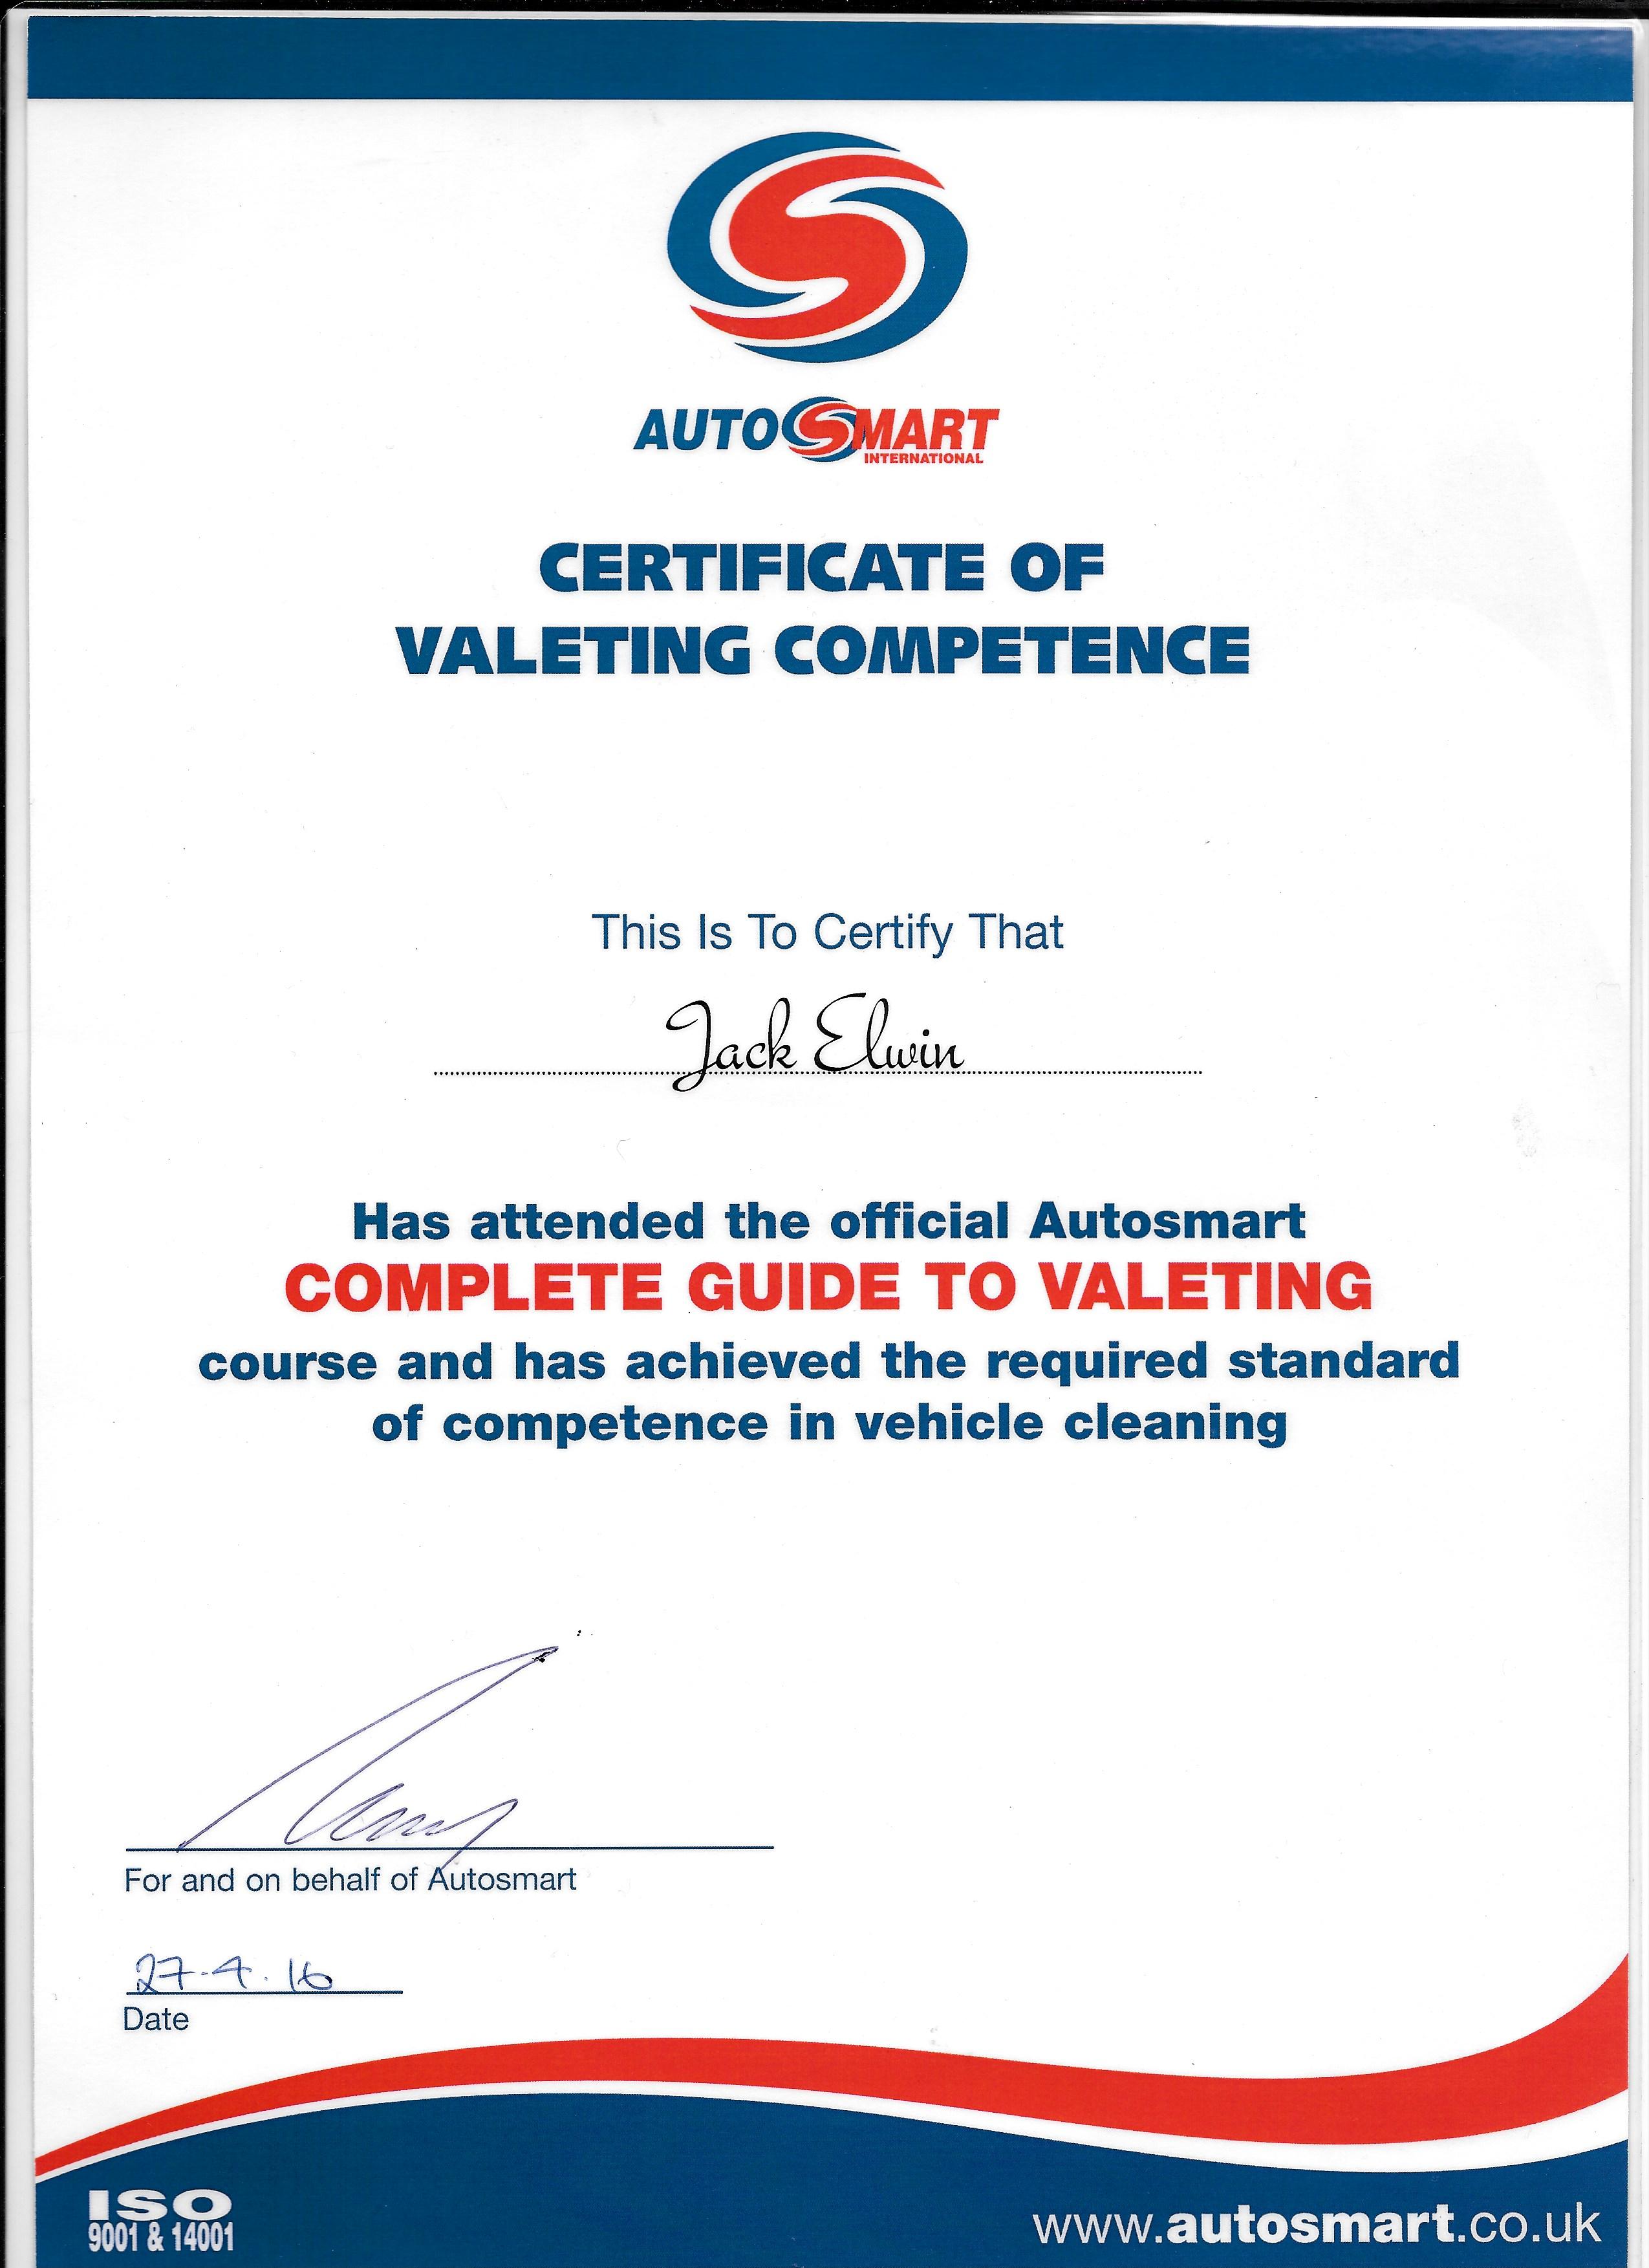 autosmart certificate